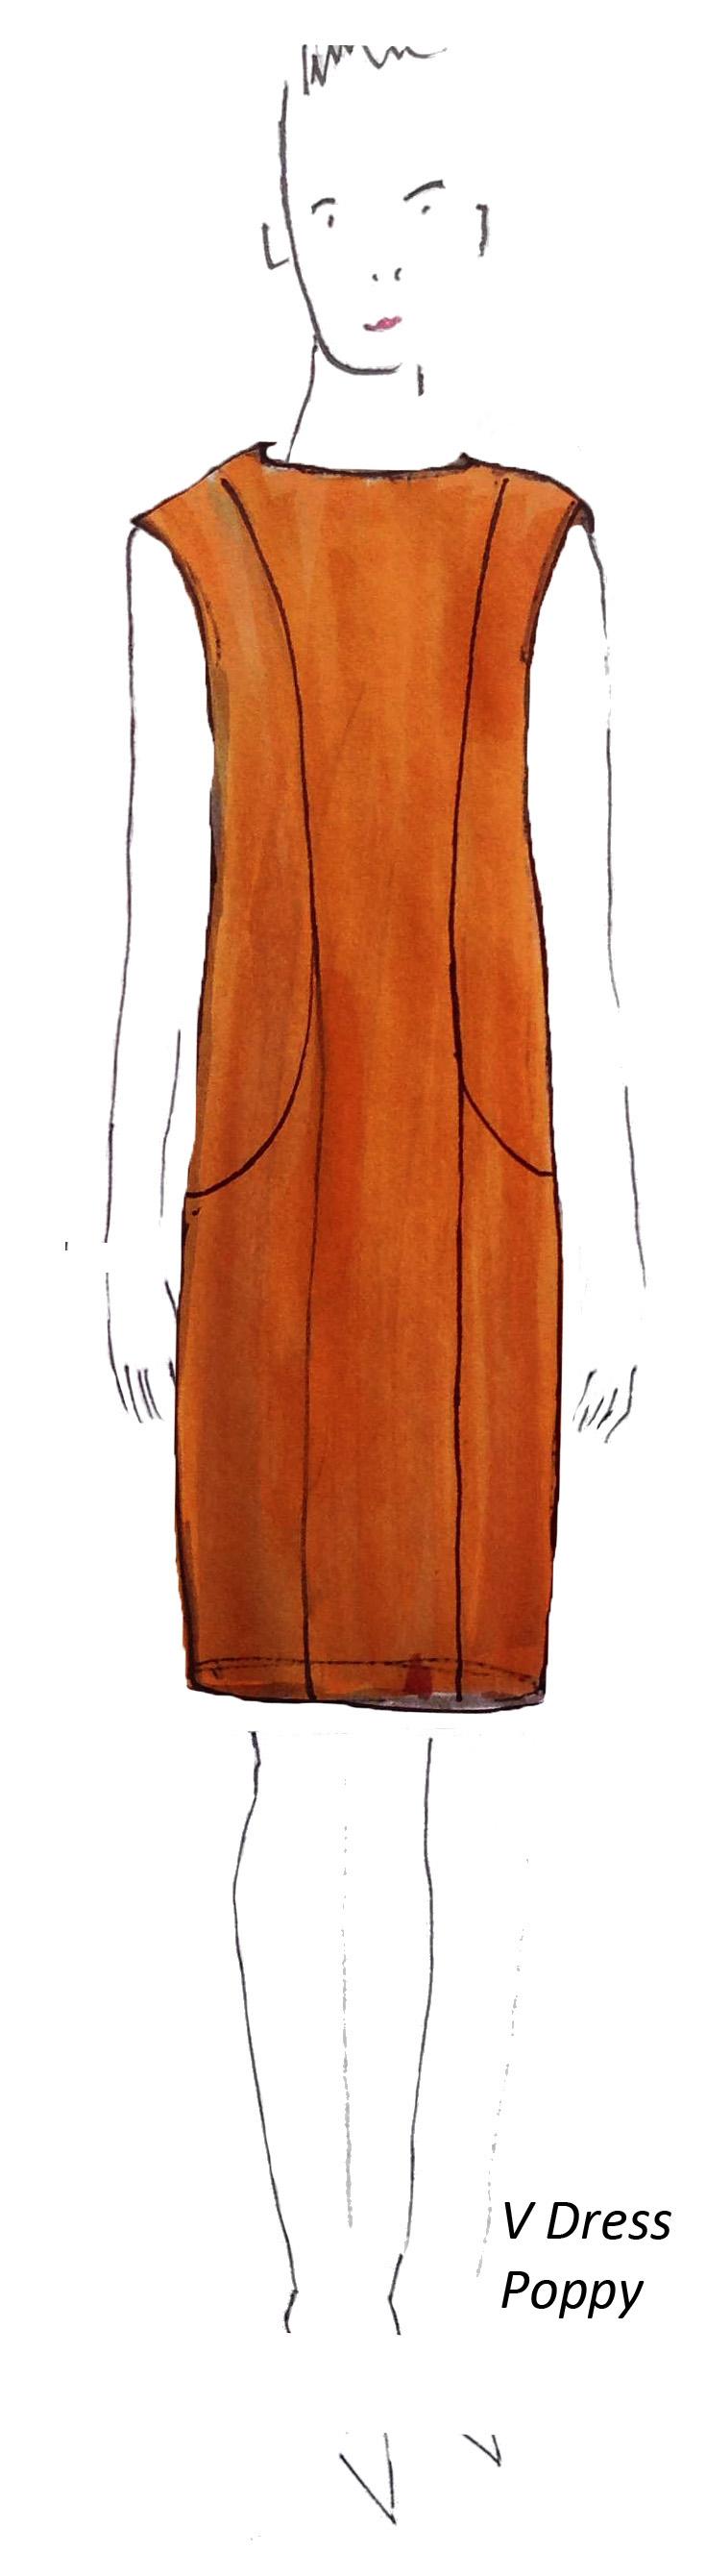 V dress Poppy-3.jpg